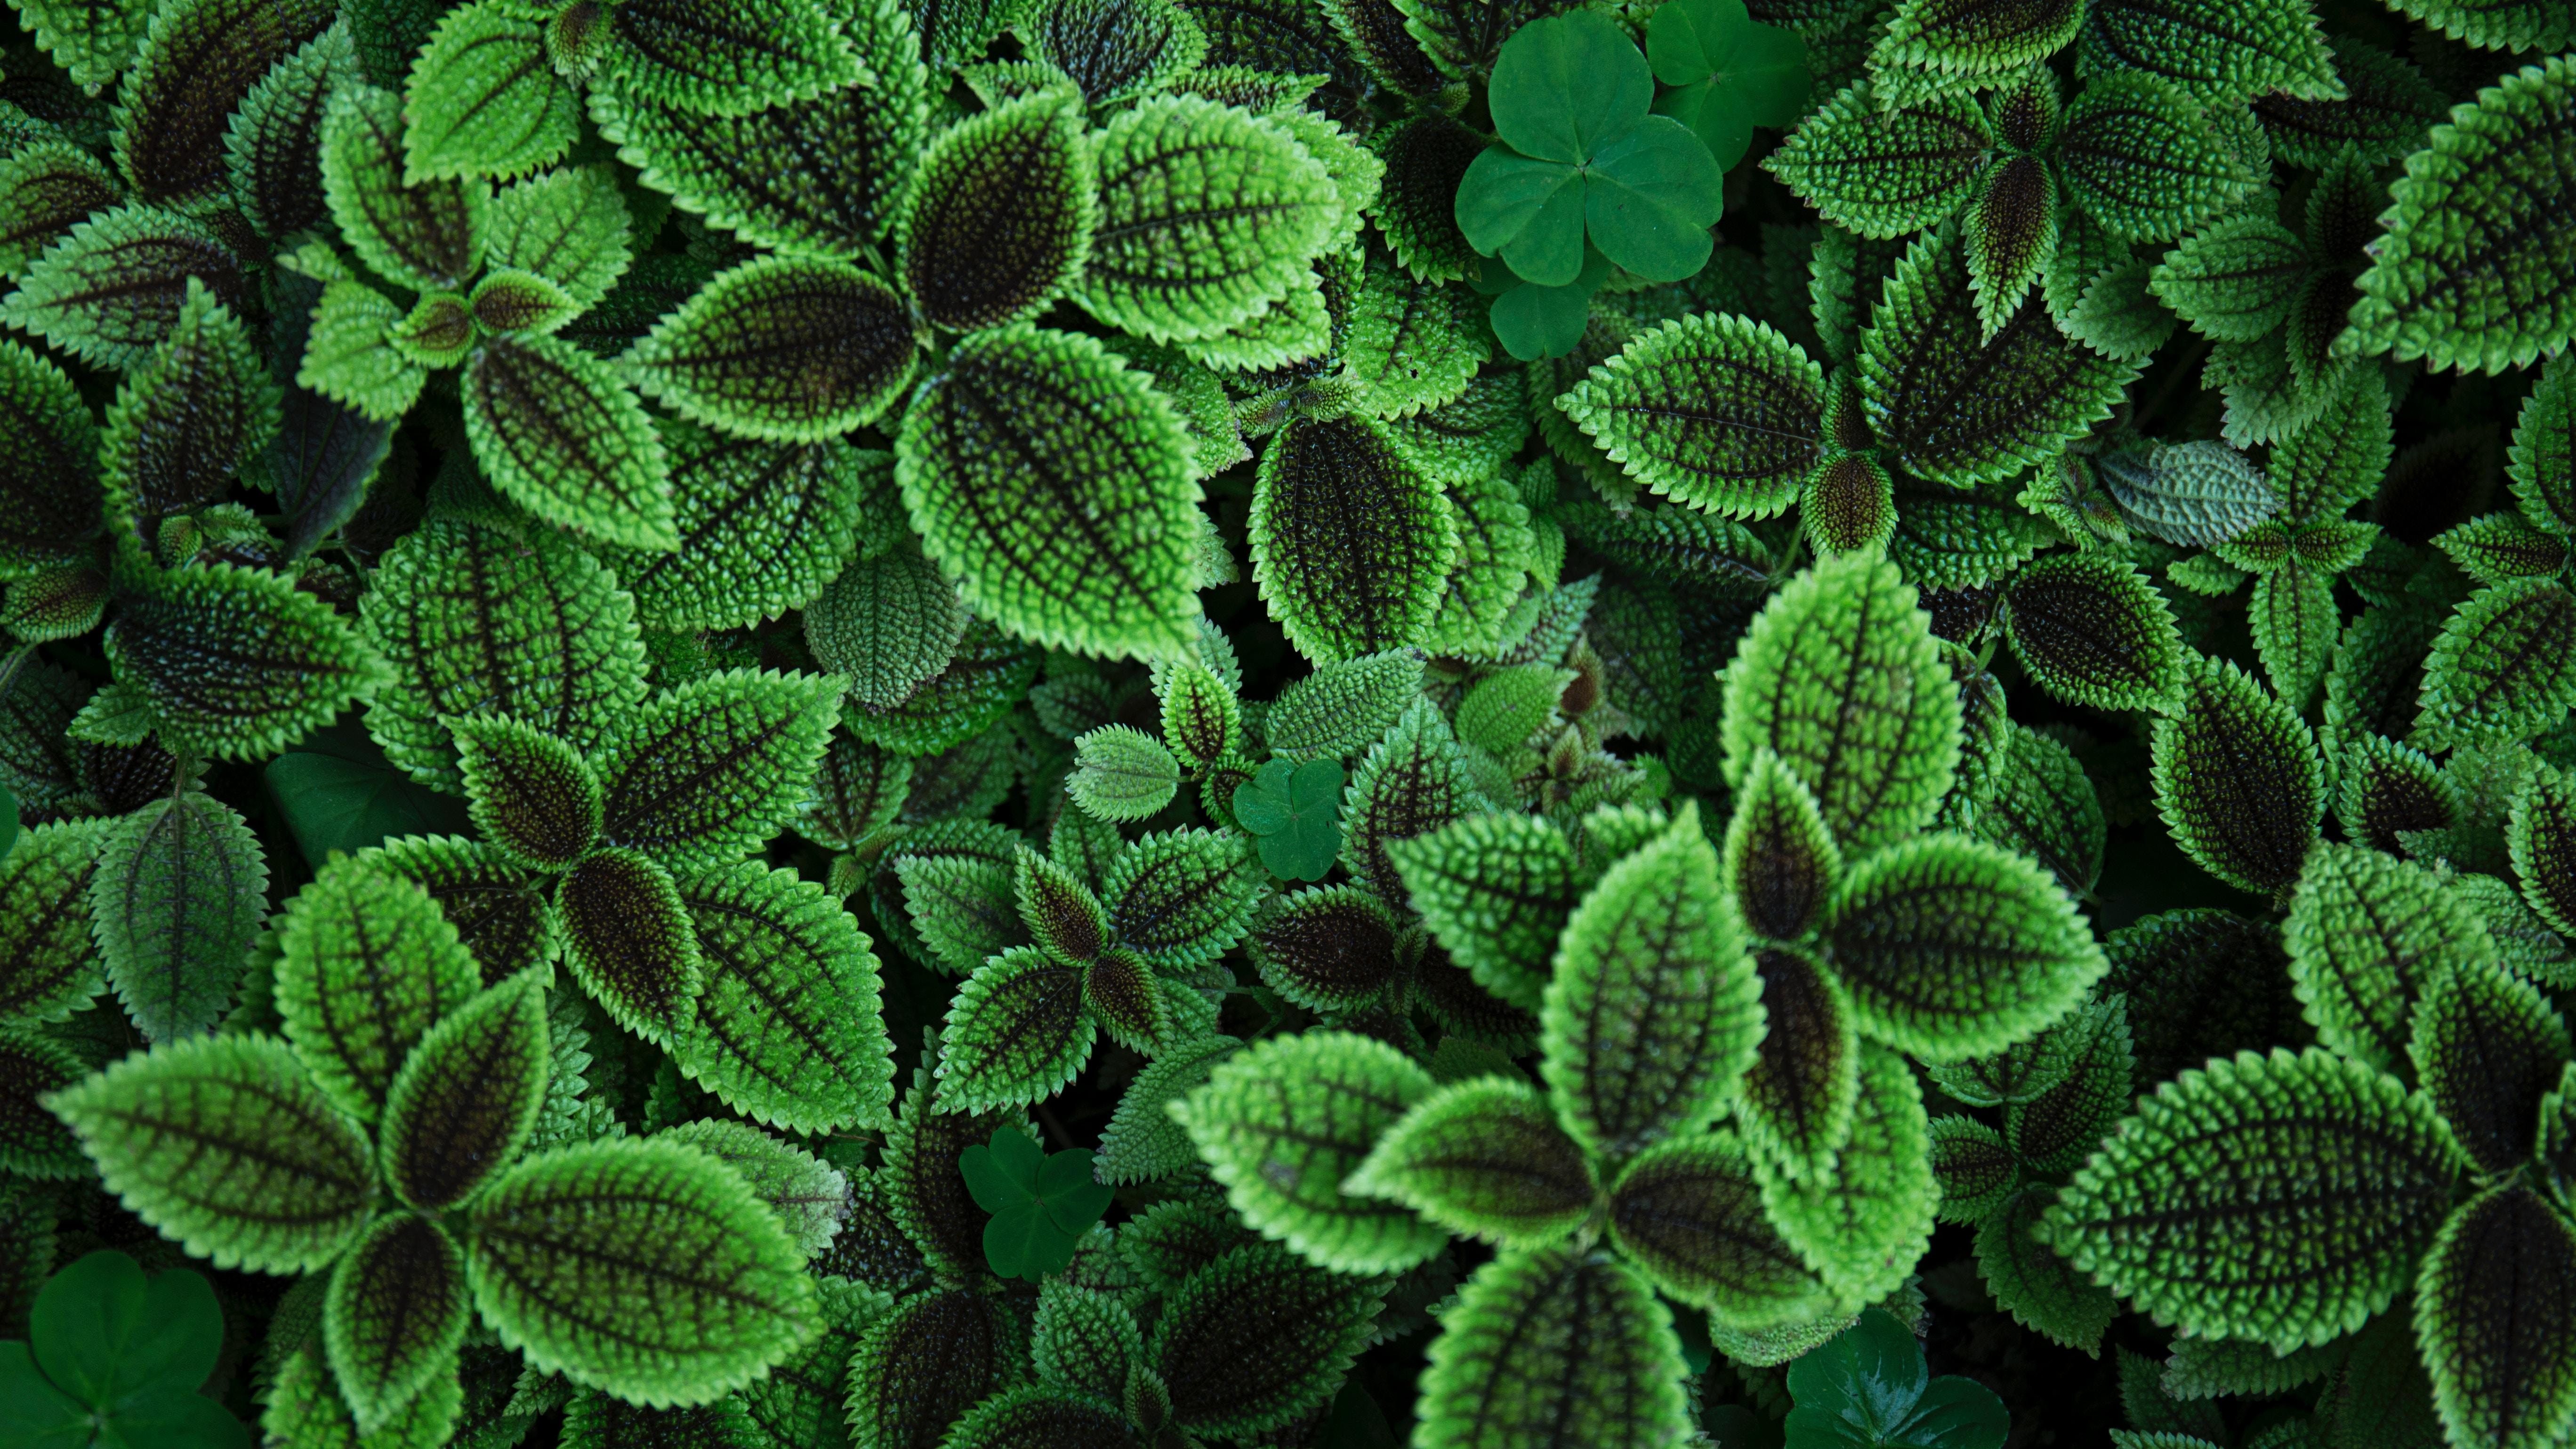 97683 скачать обои Природа, Листья, Растение, Зеленый - заставки и картинки бесплатно